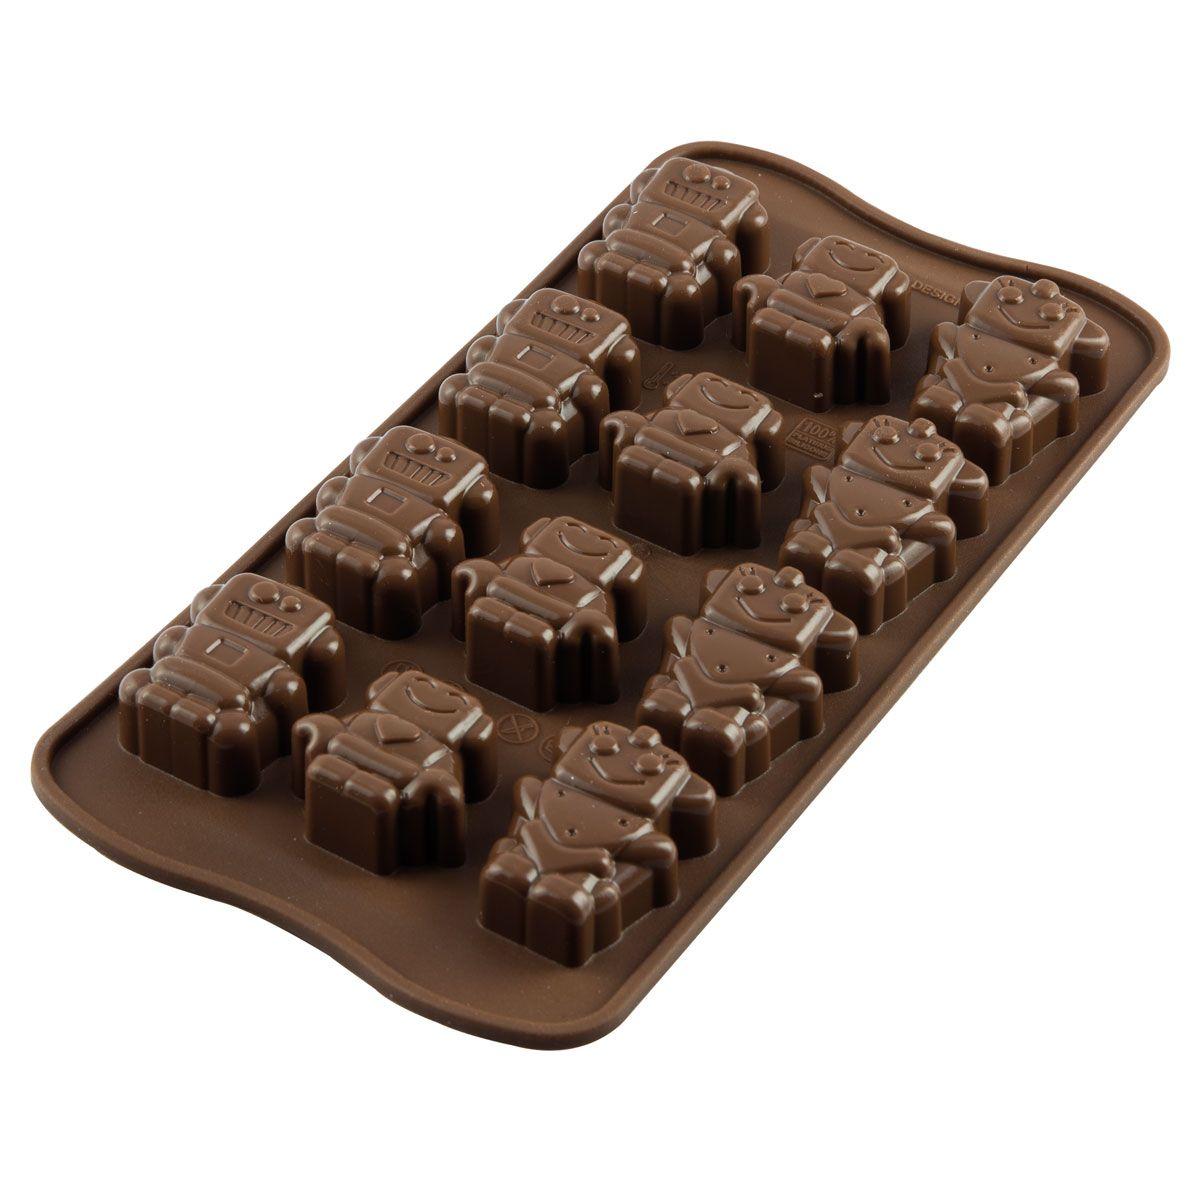 CakeSupplies Forma na čokoládu - Robochoc (roboty)